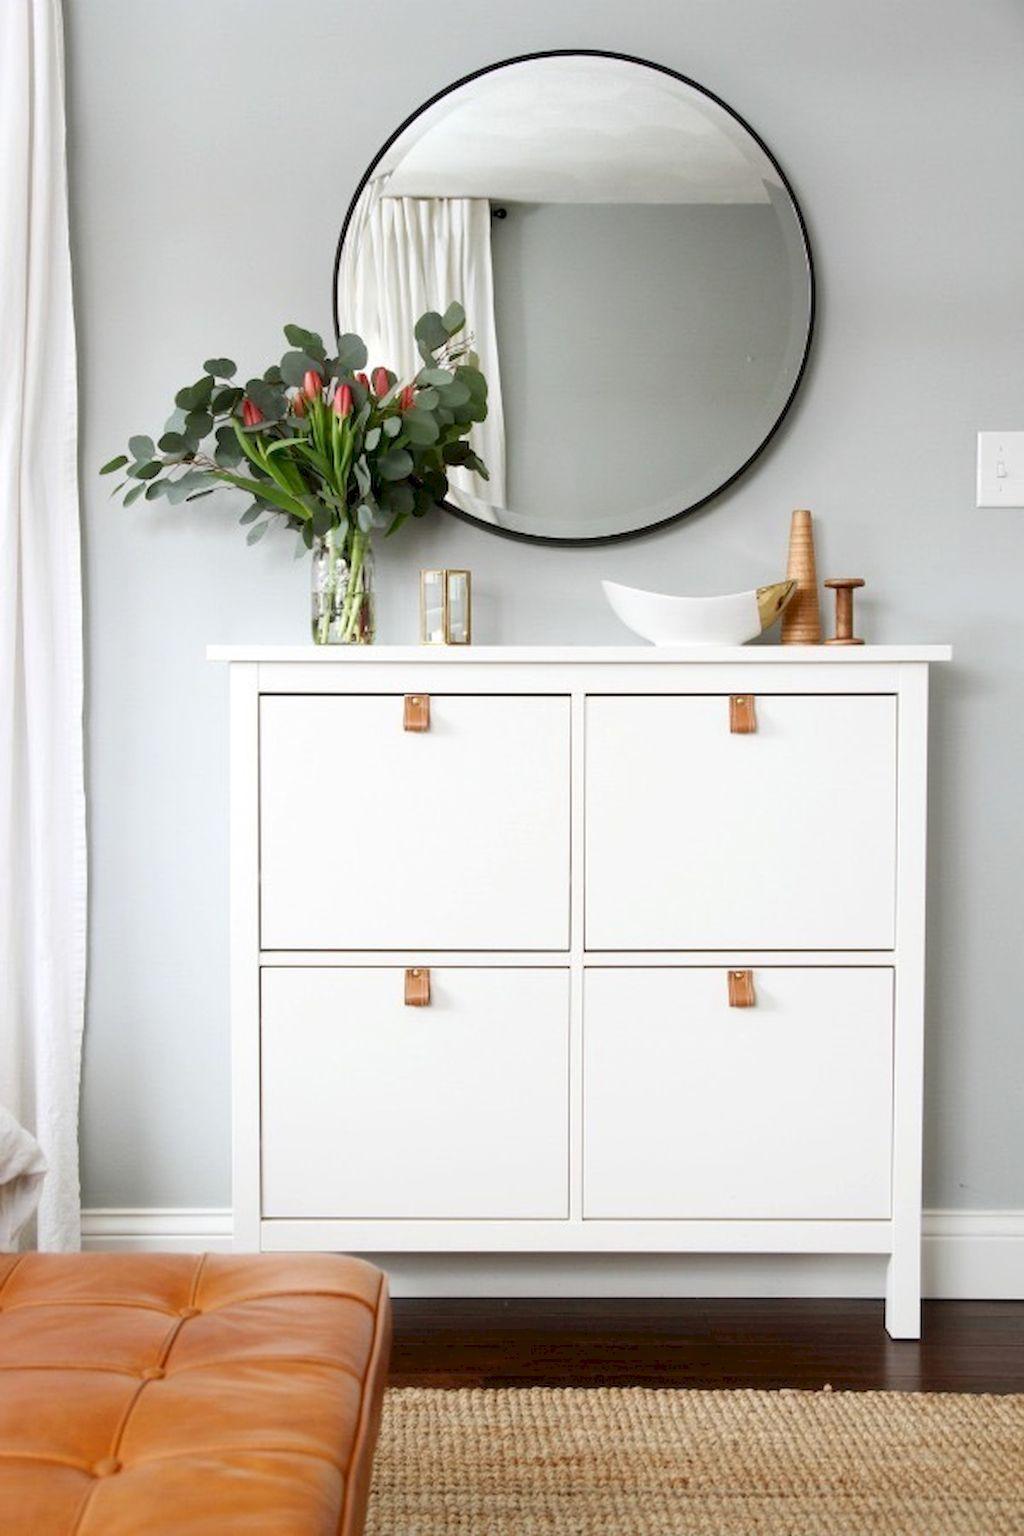 55 Best IKEA Hacks Ideas For Every